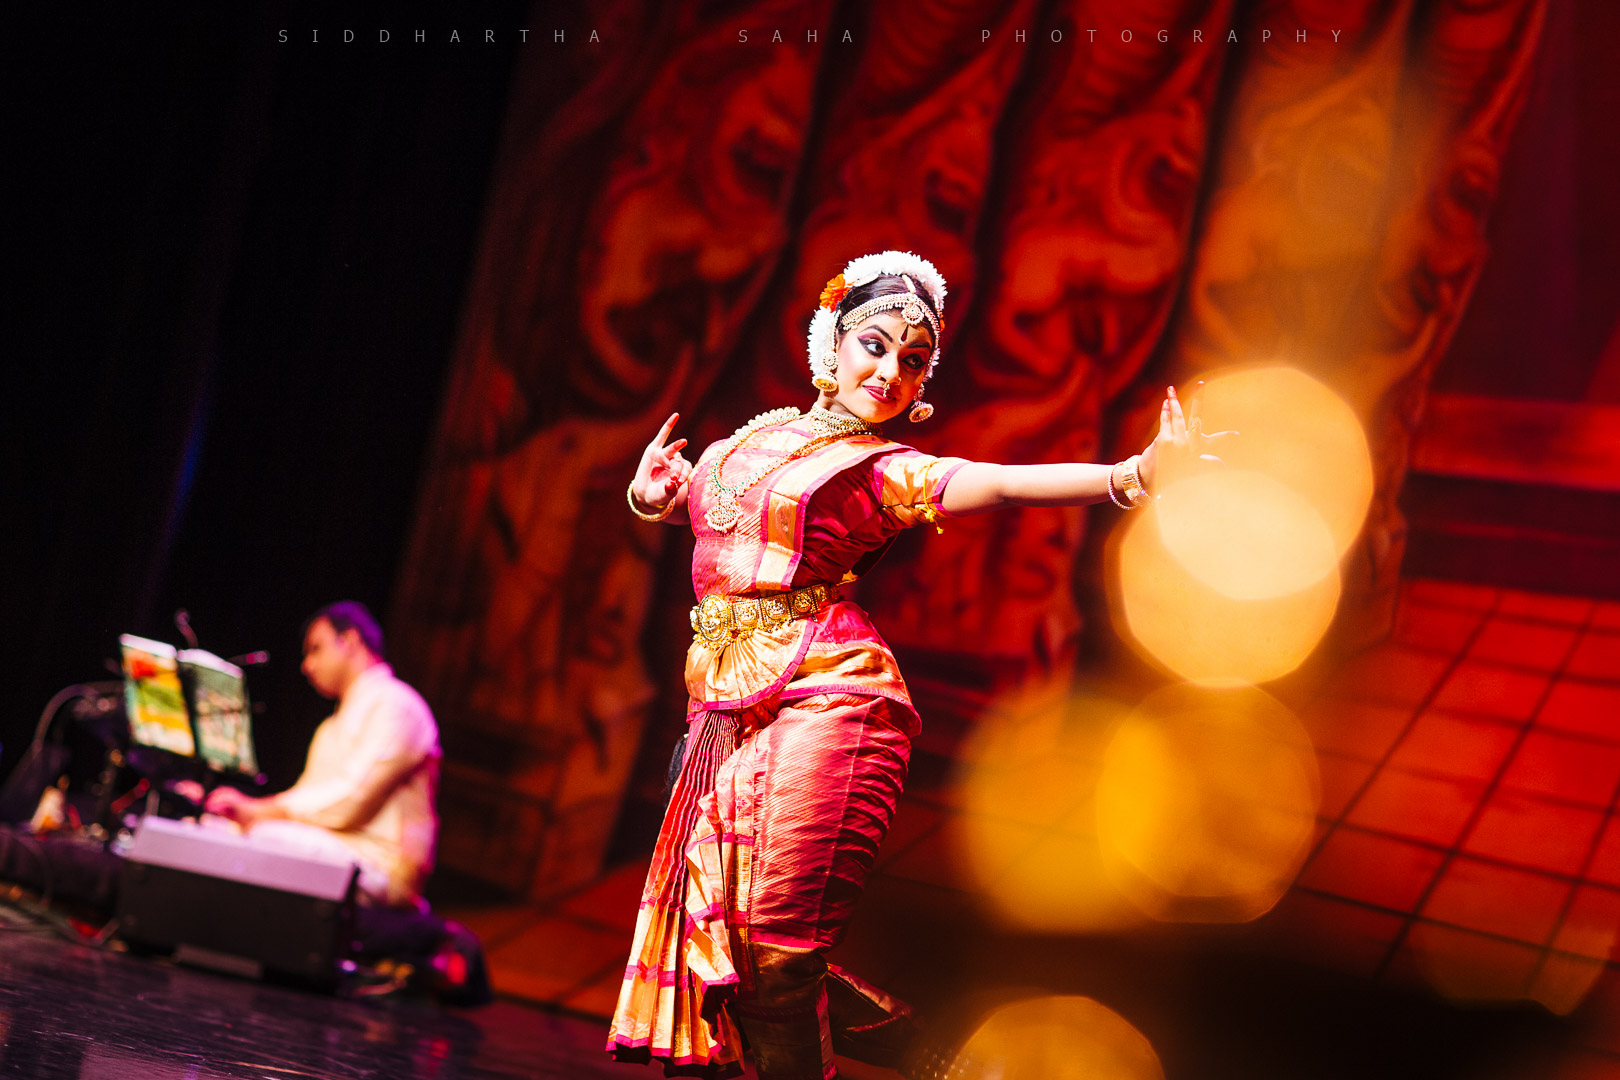 2015-09-06 - Riya Arangetram - _05Y6449